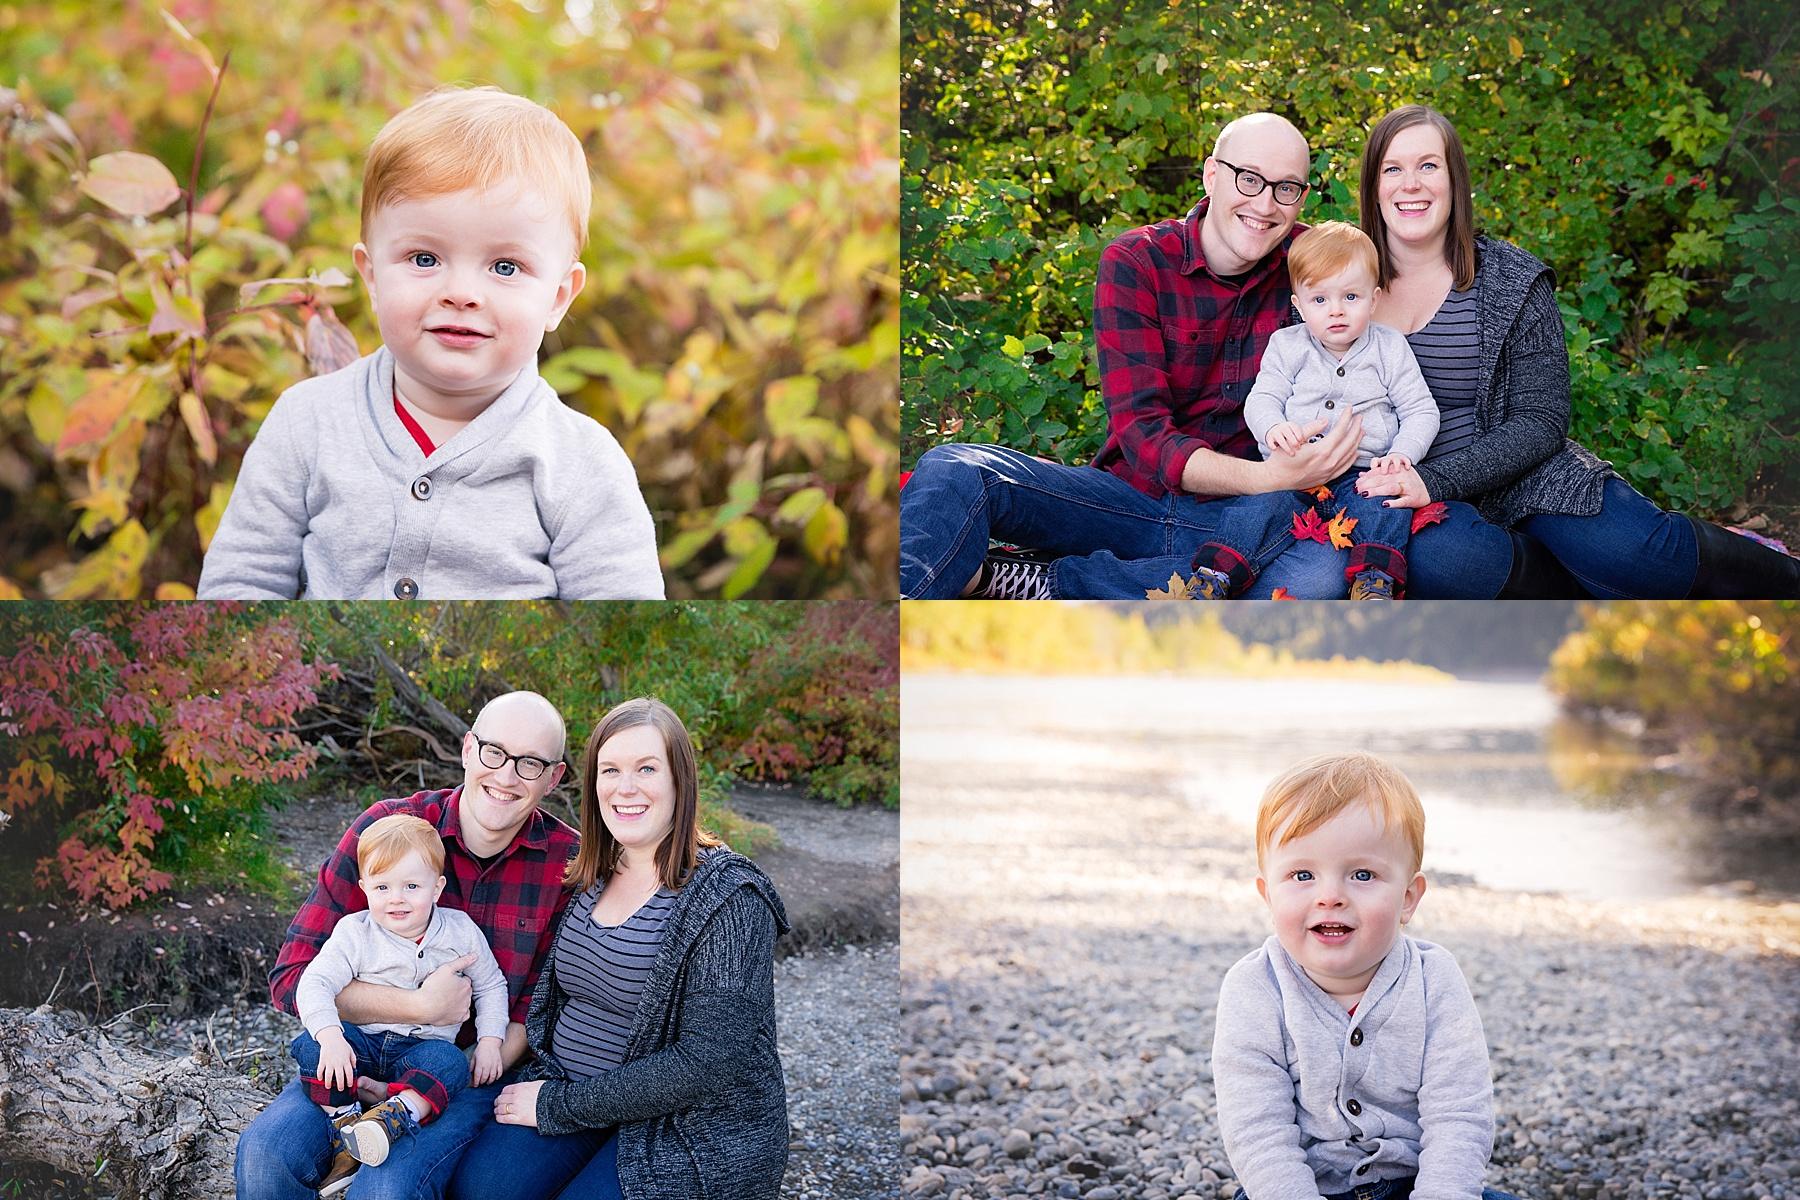 Calgary Fall Mini Session - Edworthy Park. Calgary Family Photographer. Milashka Photography